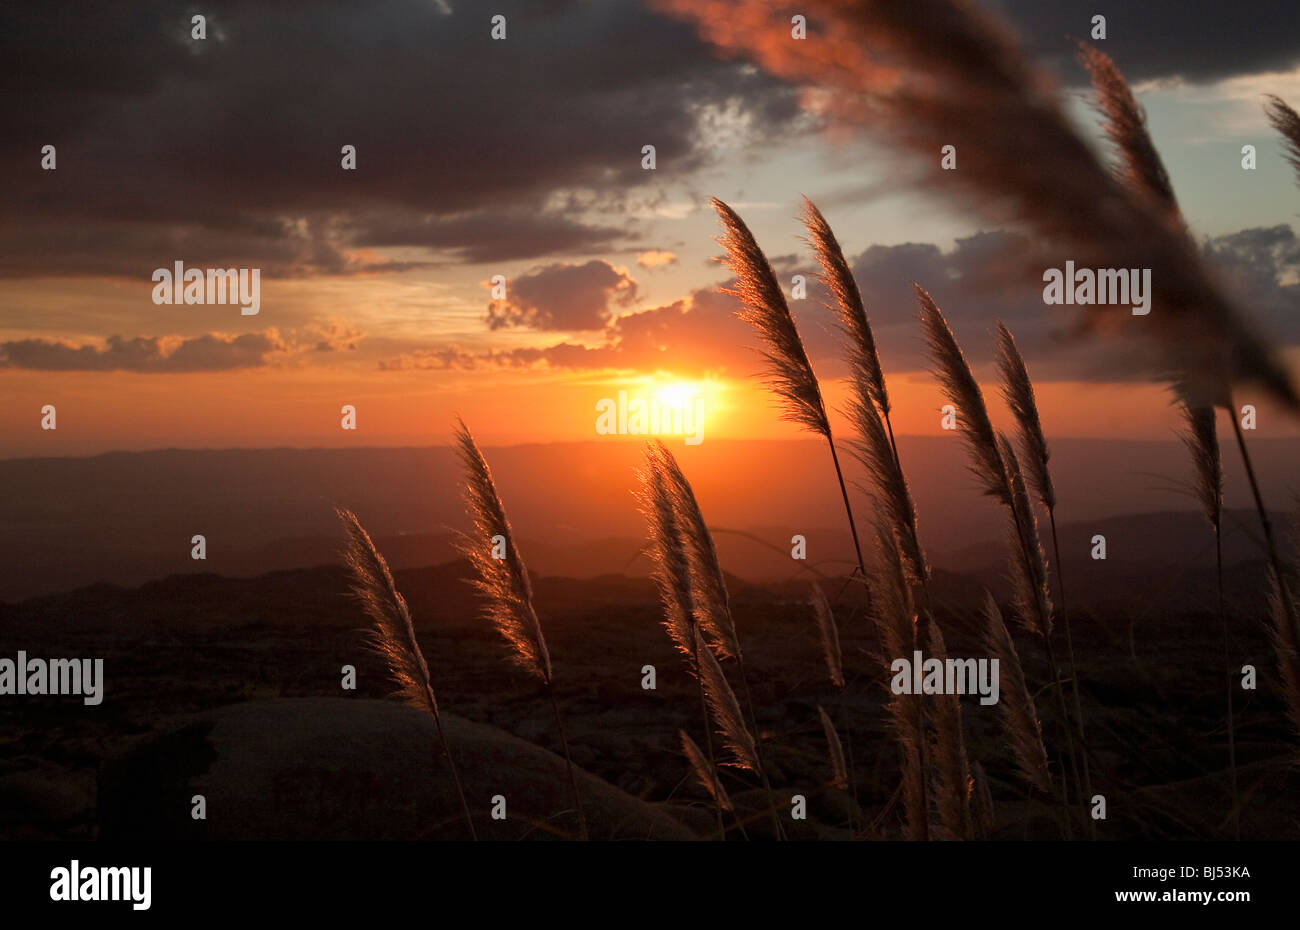 Erba reed accesa dal tramonto Immagini Stock